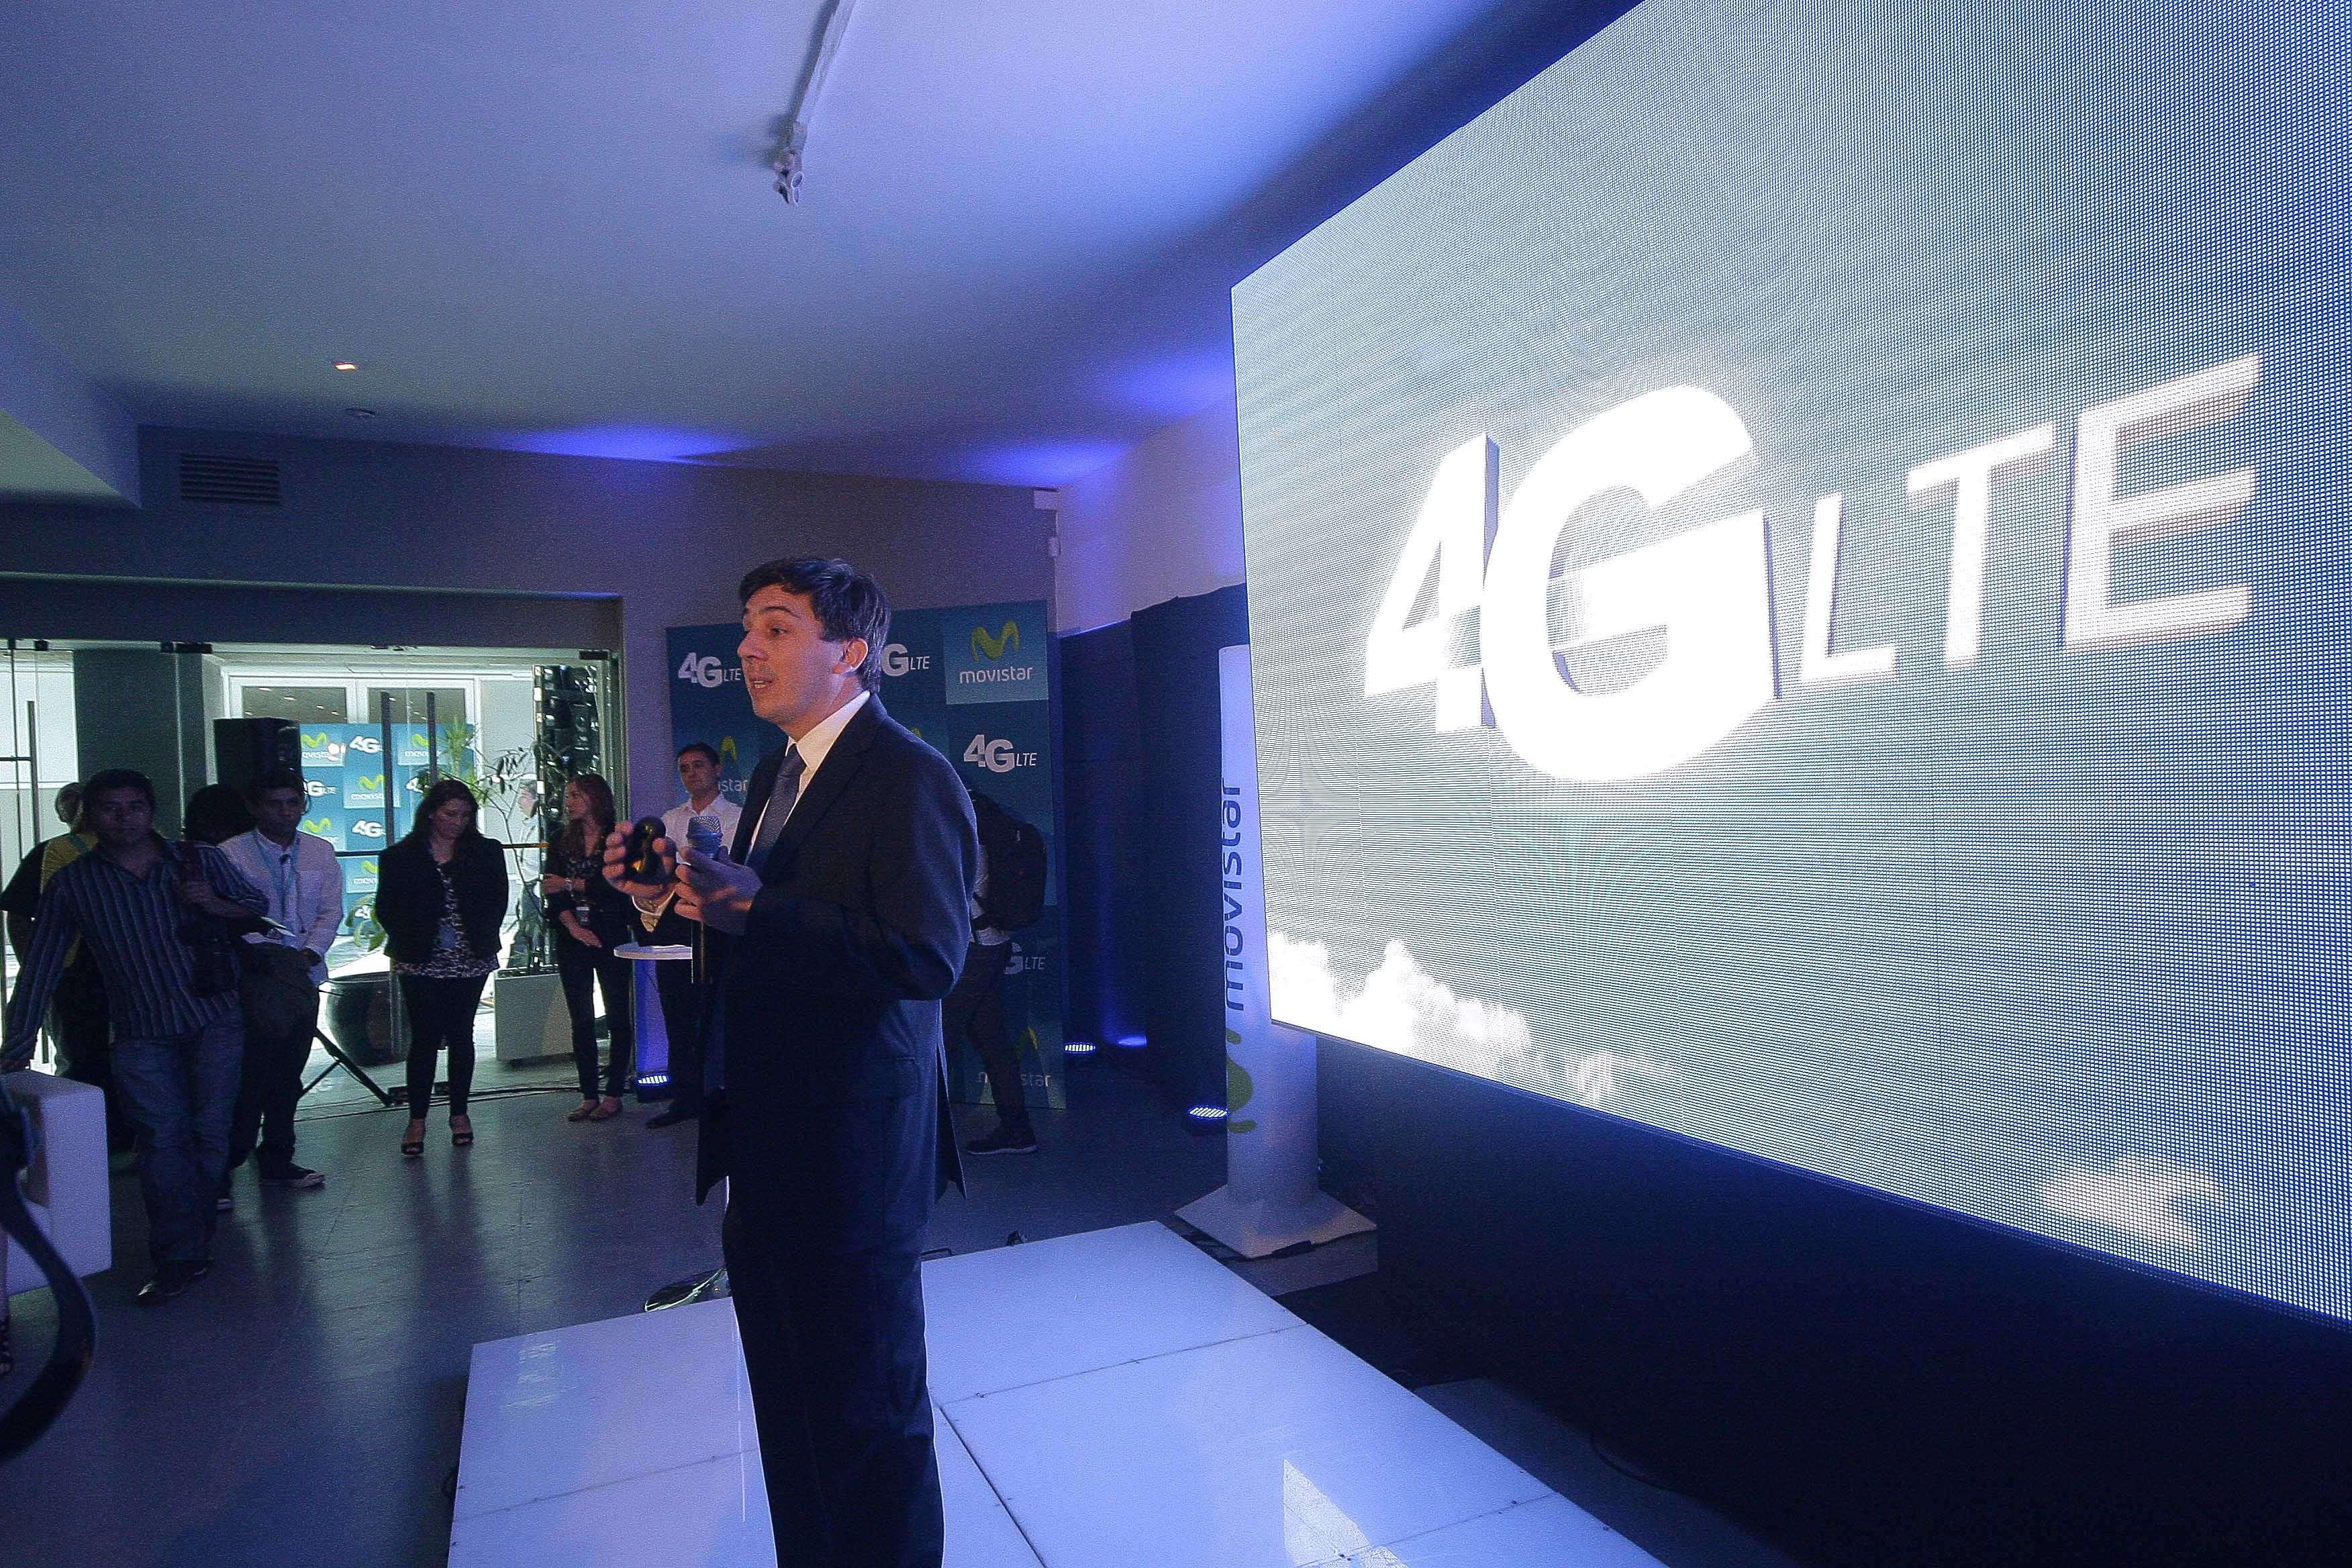 Lanzamiento de la red 4G LTE de Movistar Foto: Gentileza